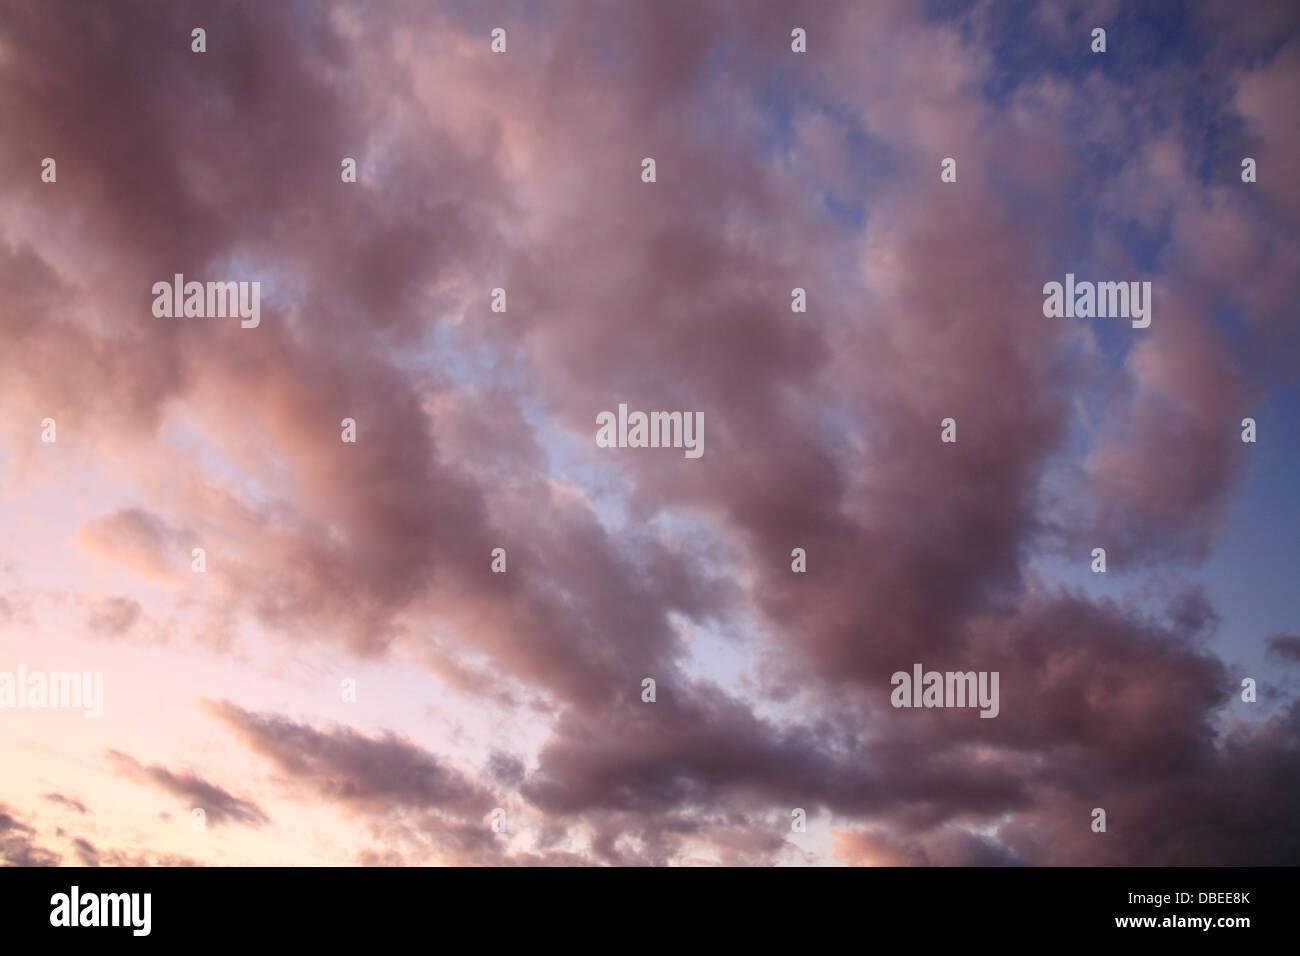 Himmel und Cloud-Szene, eine bunte und ominösen suchen Sonnenuntergang Wolkengebilde Stockbild